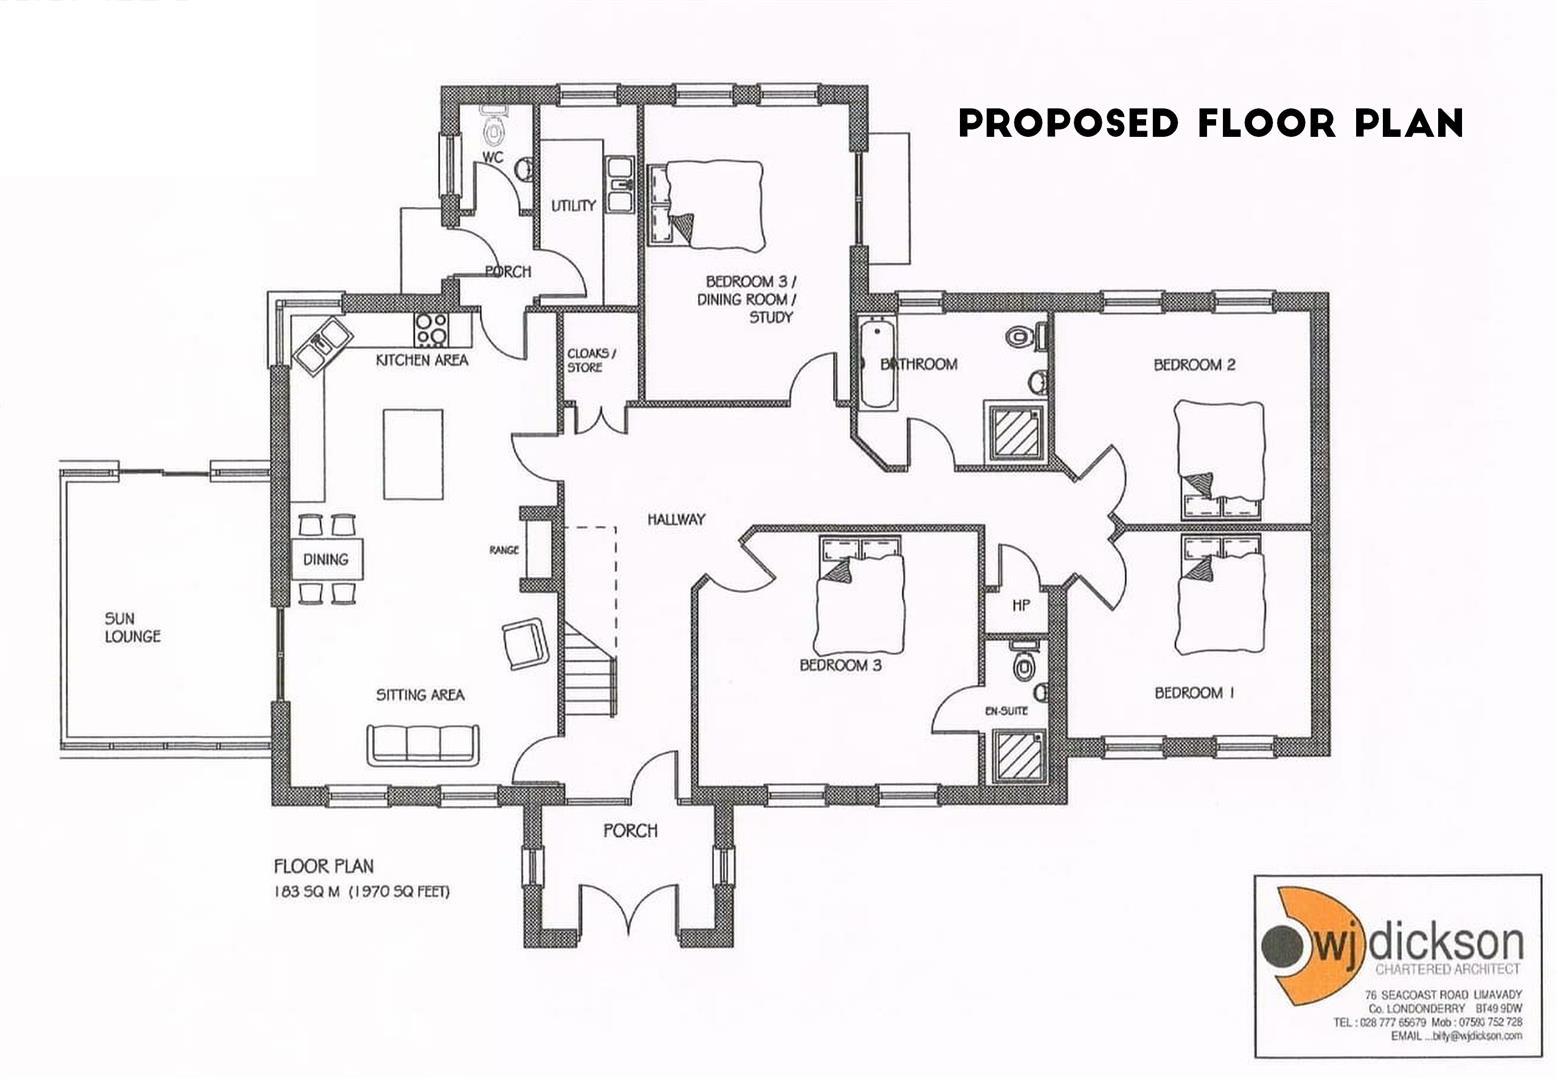 Site 1 Proposed FLoor Plan.jpg